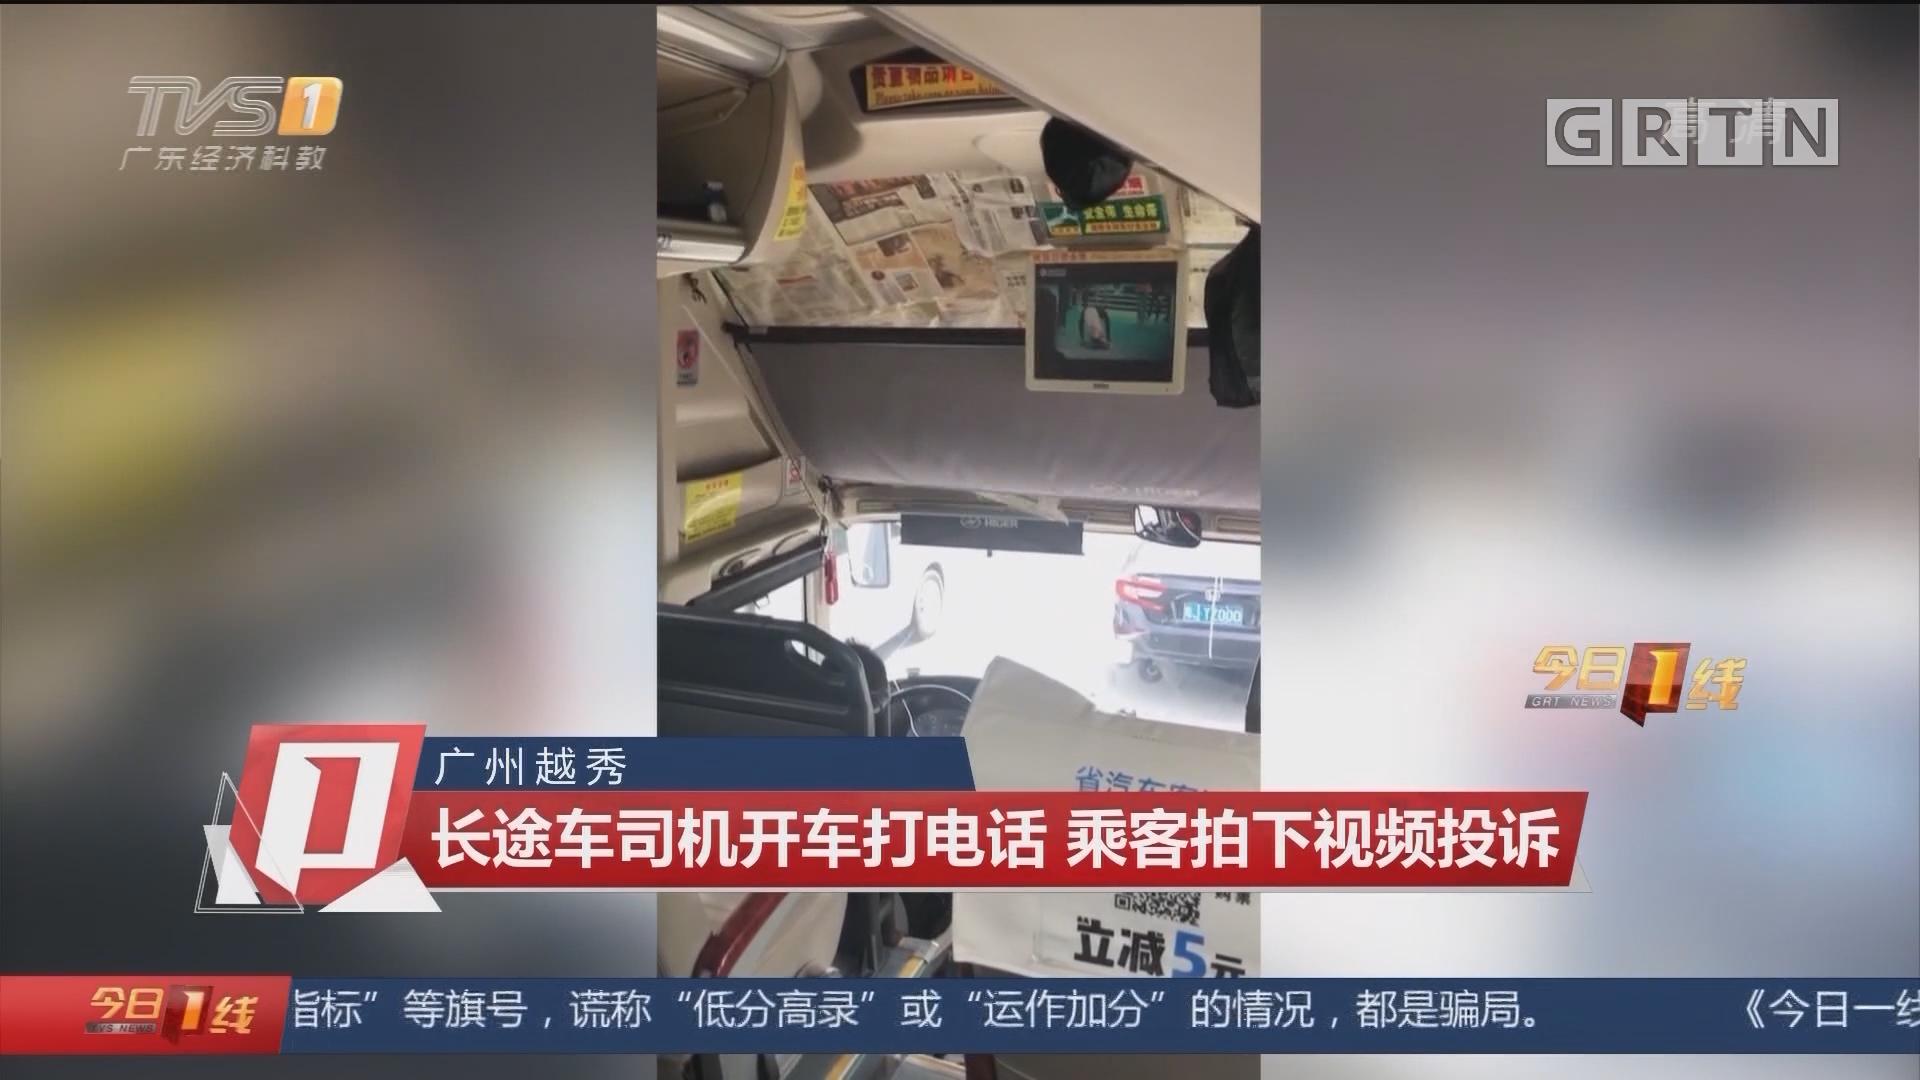 广州越秀:长途车司机开车打电话 乘客拍下视频投诉